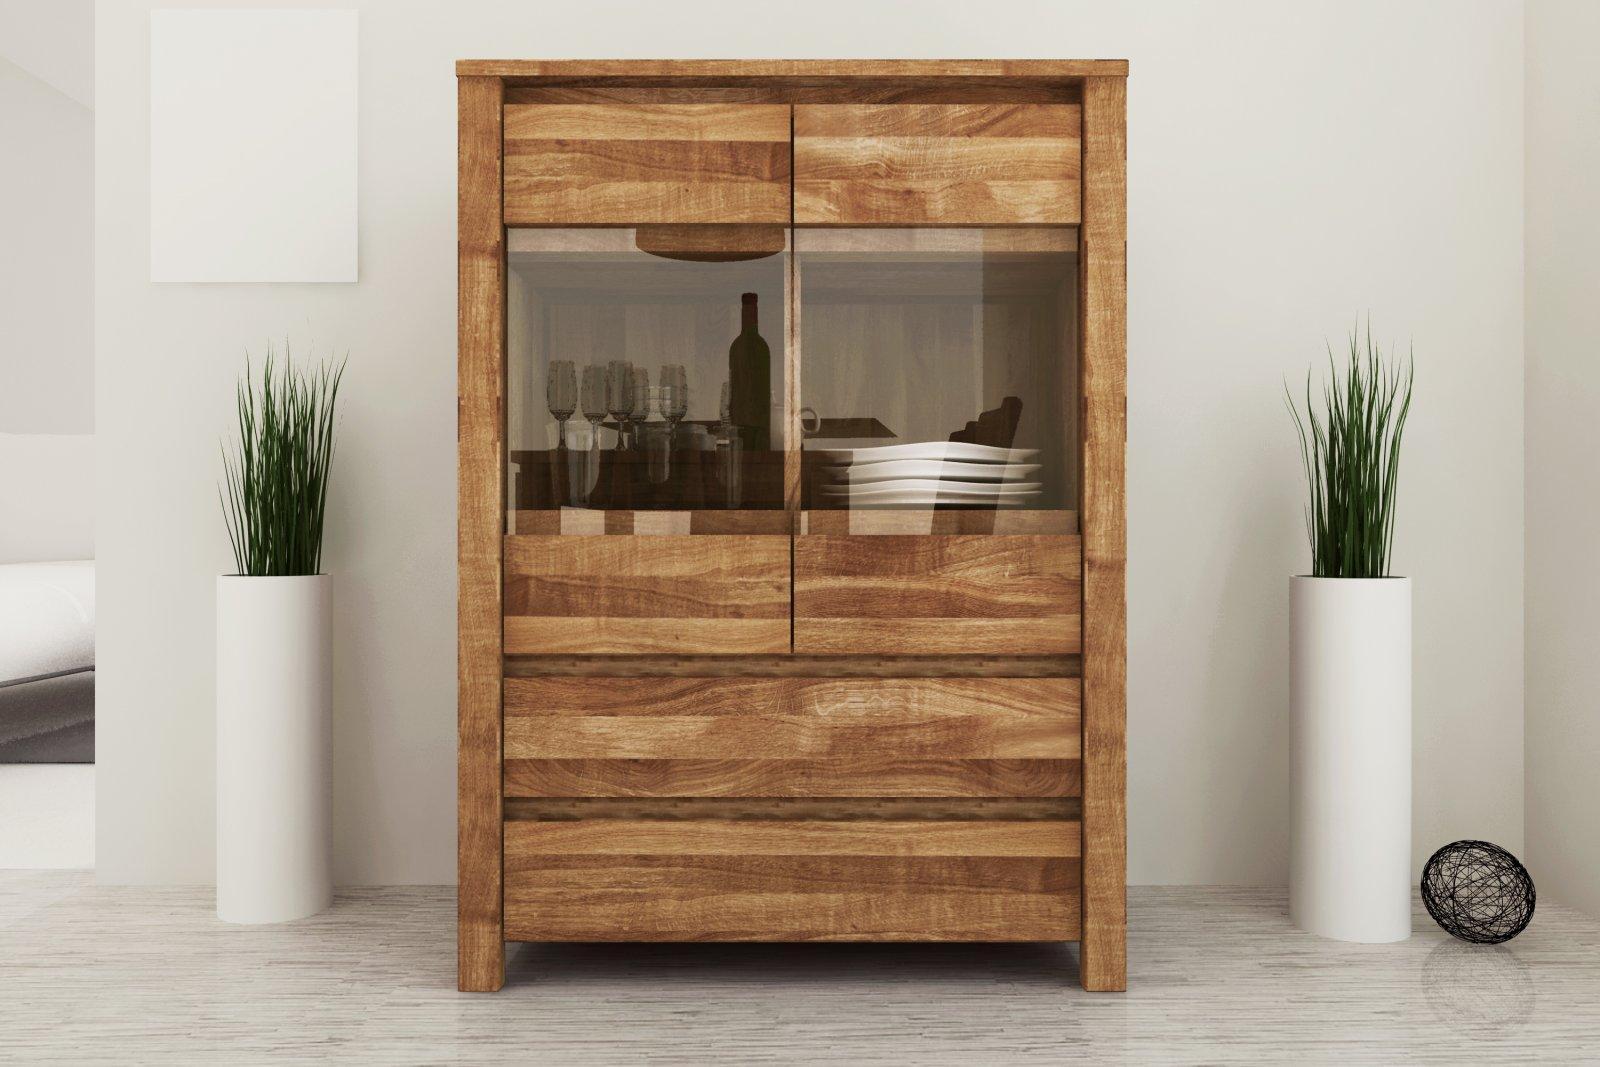 Sideboard VINCI two door